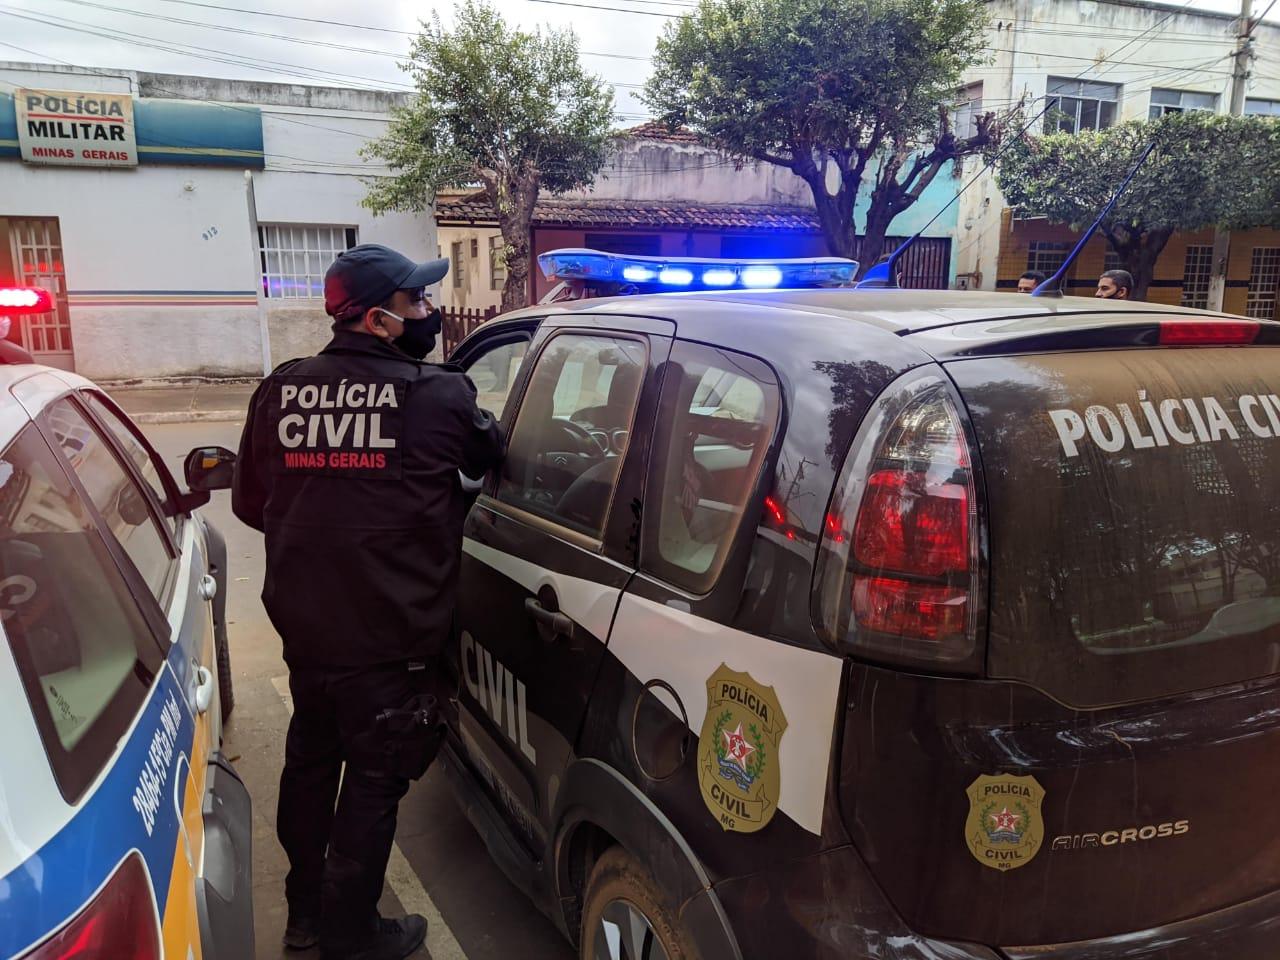 HOMEM SE APROVEITAVA DO CONVÍVIO COM ADOLESCENTES PARA MOLESTÁ-LAS